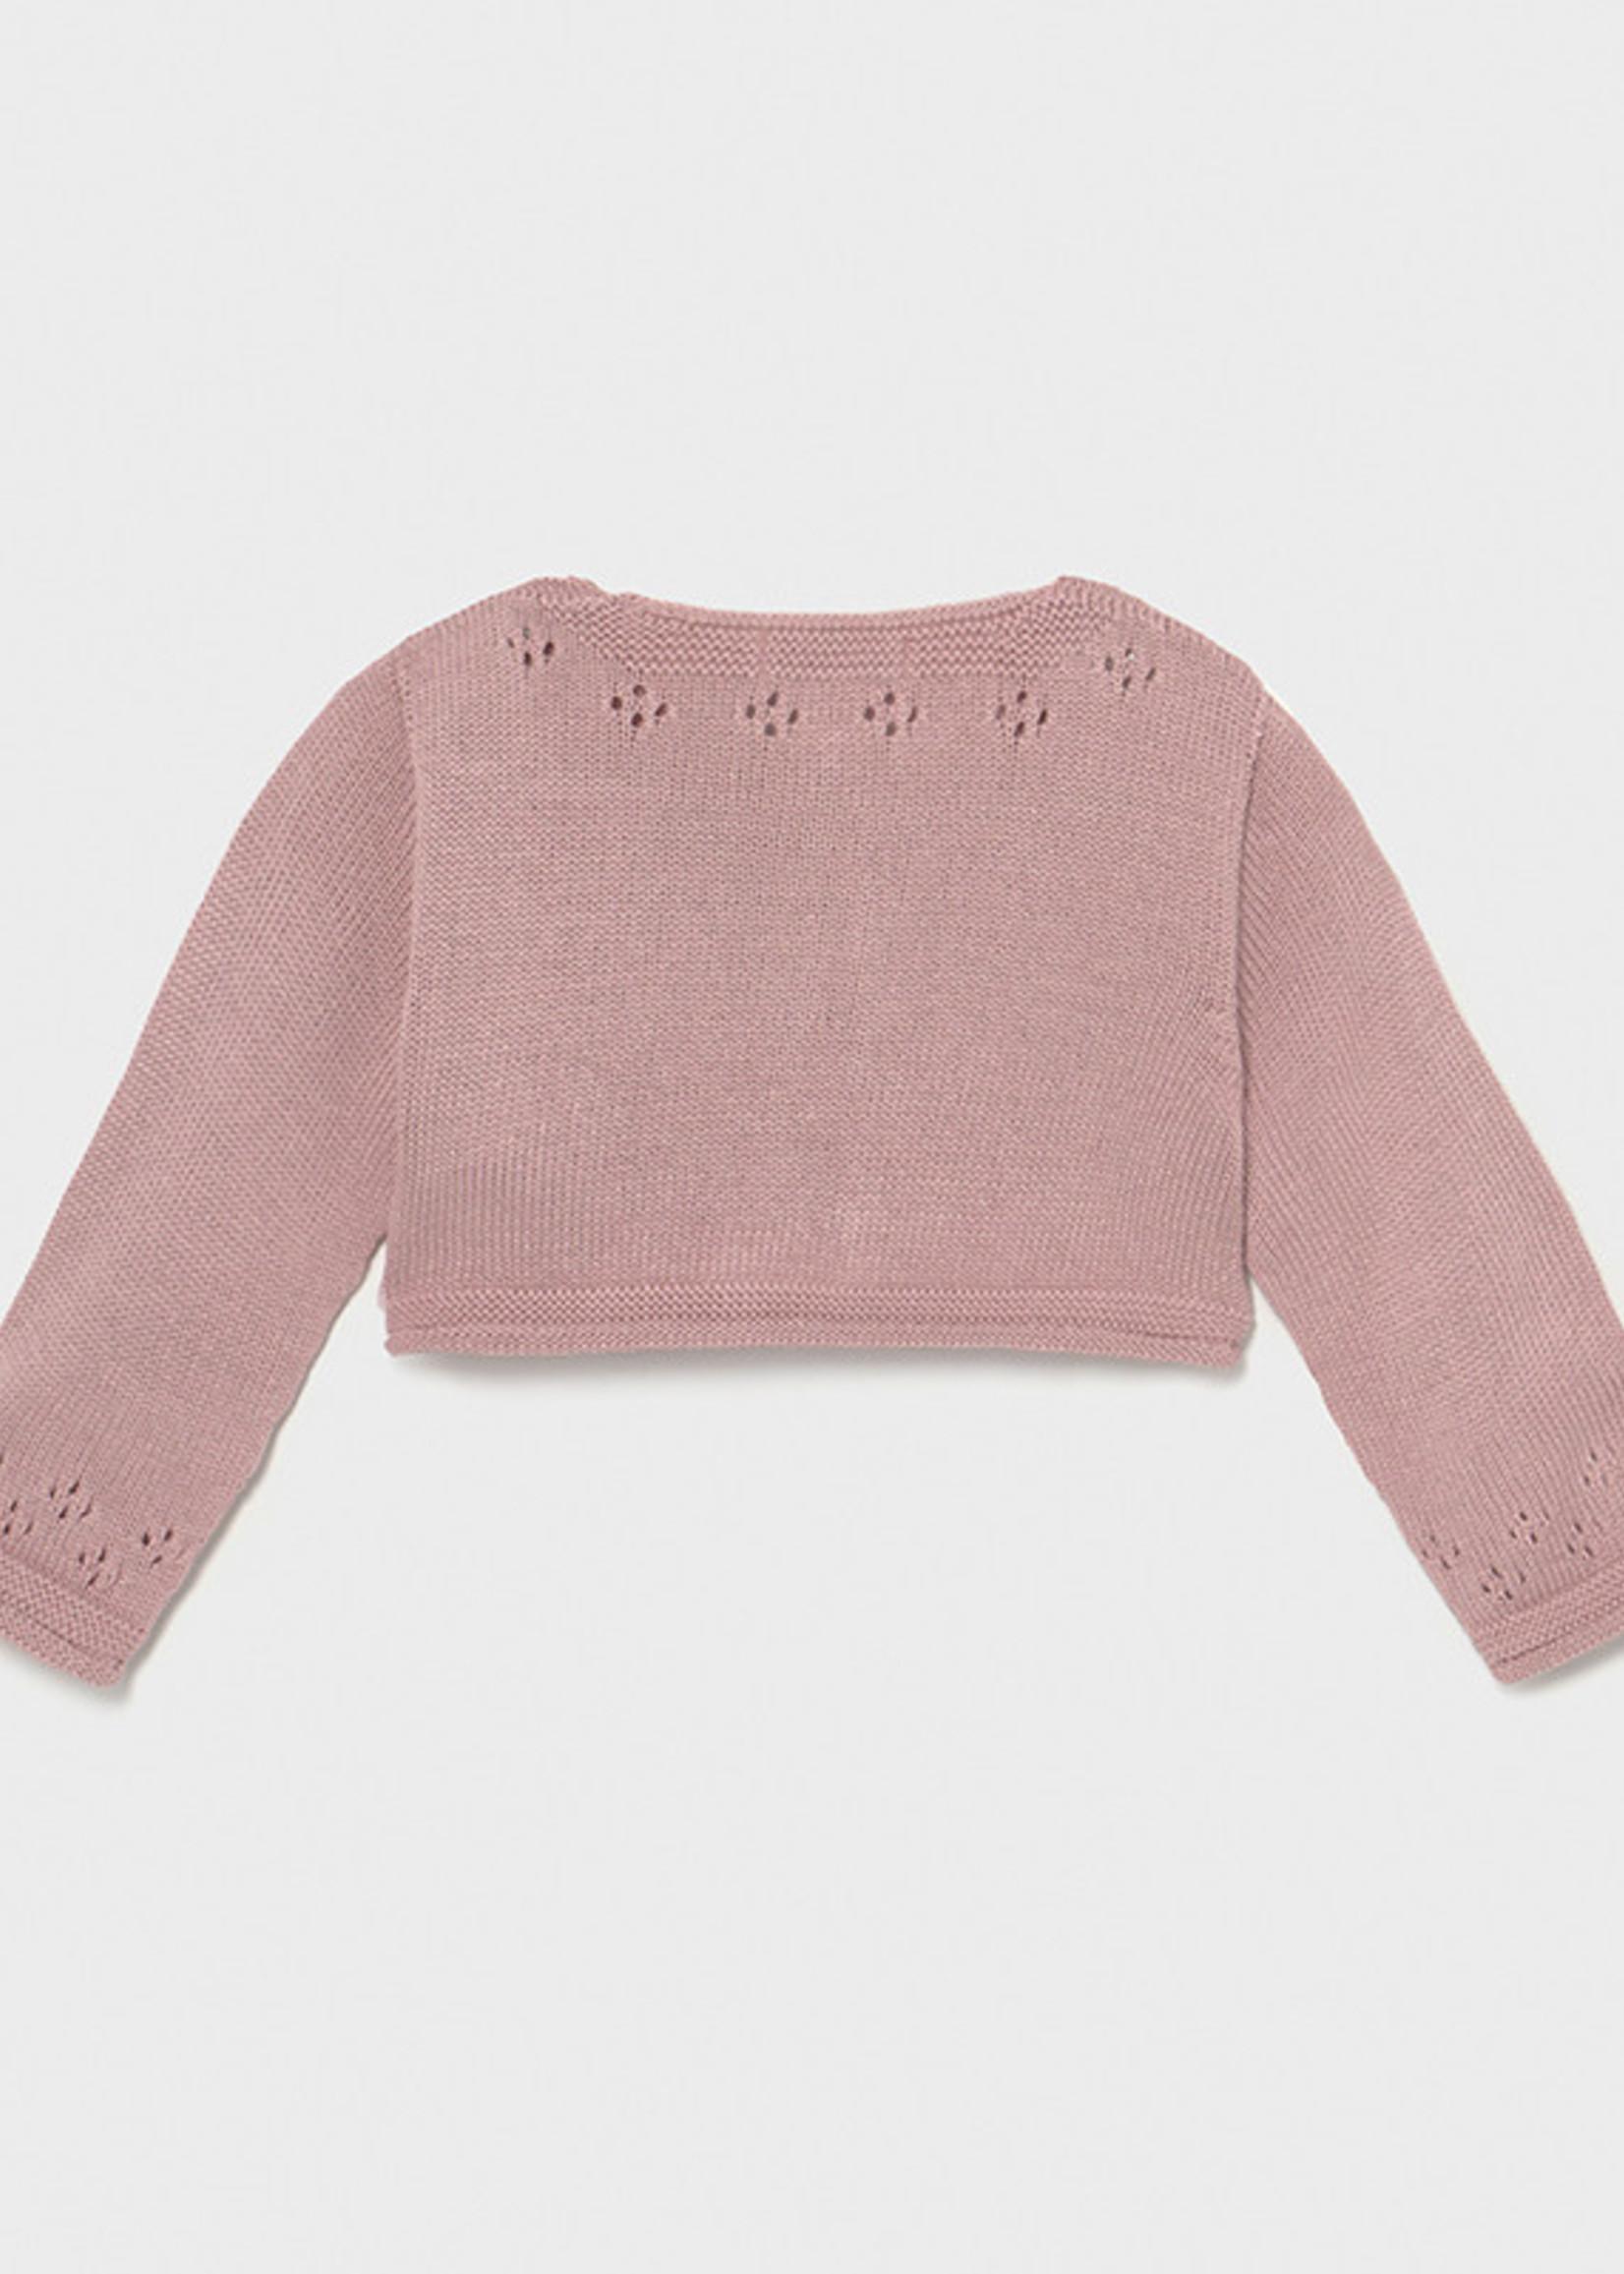 Mayoral Mayoral Knitting cardigan pink